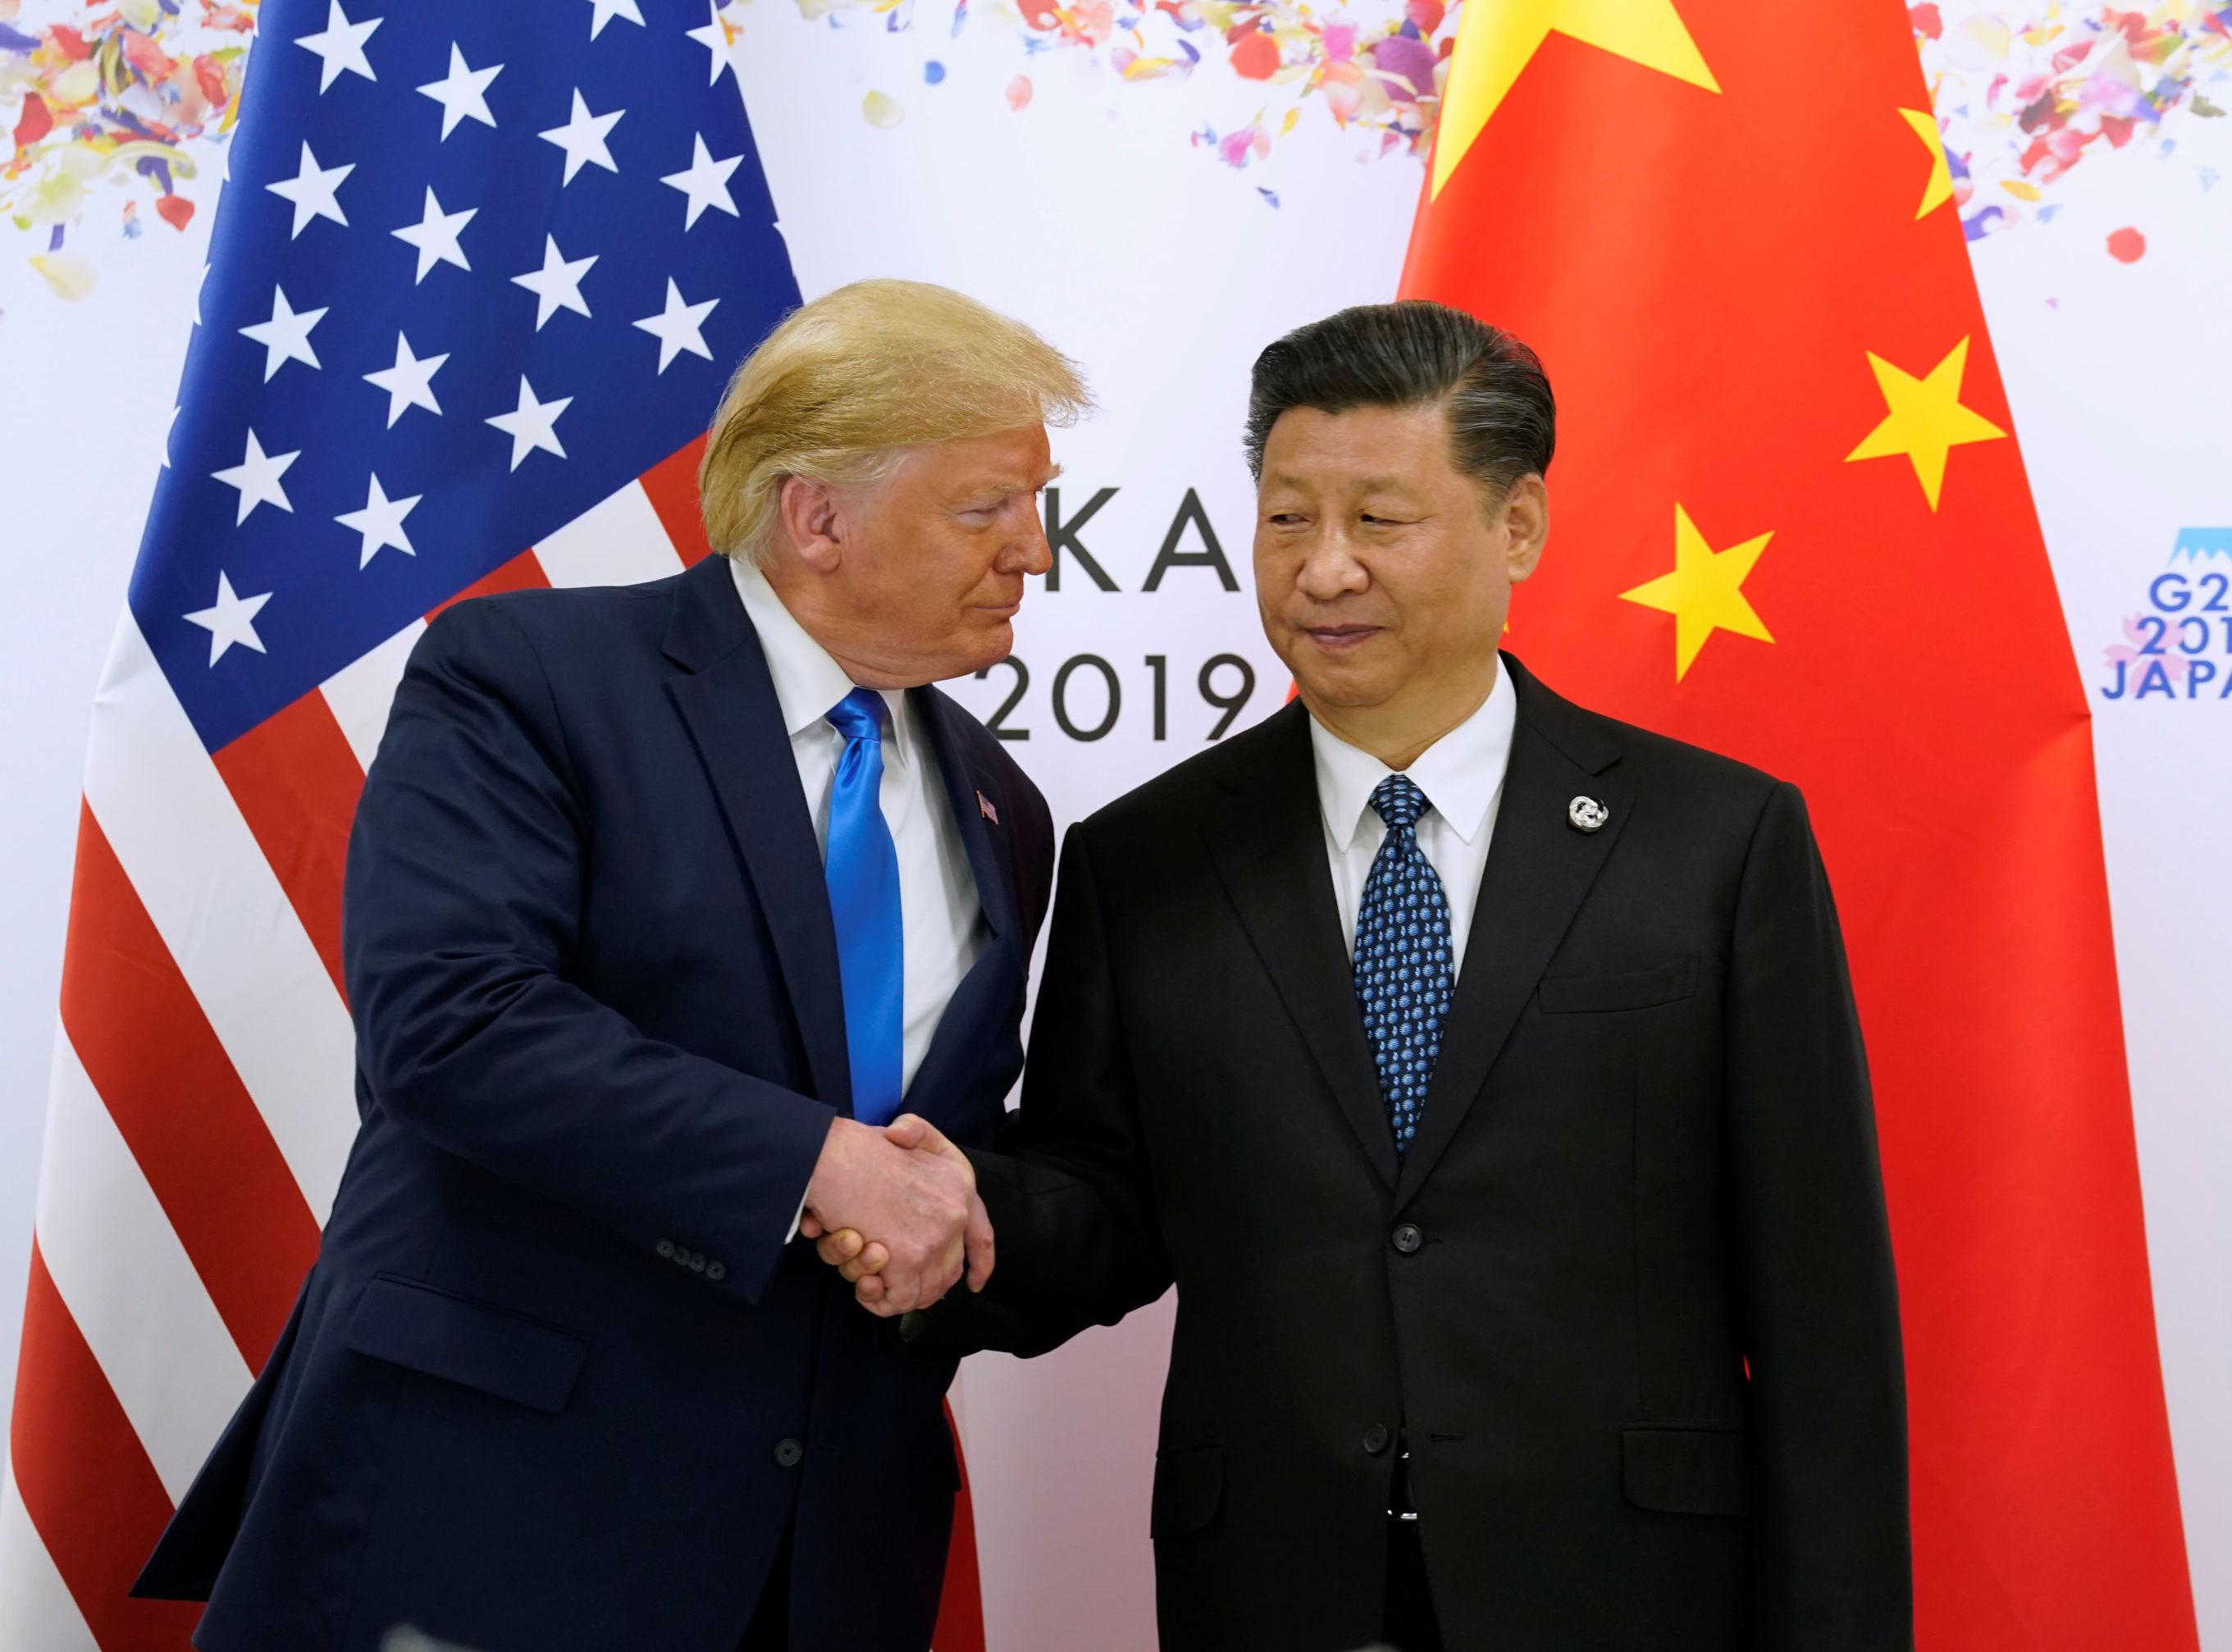 El presidente estadounidense, Donald Trump, y el presidente chino, Xi Jinping, en Osaka